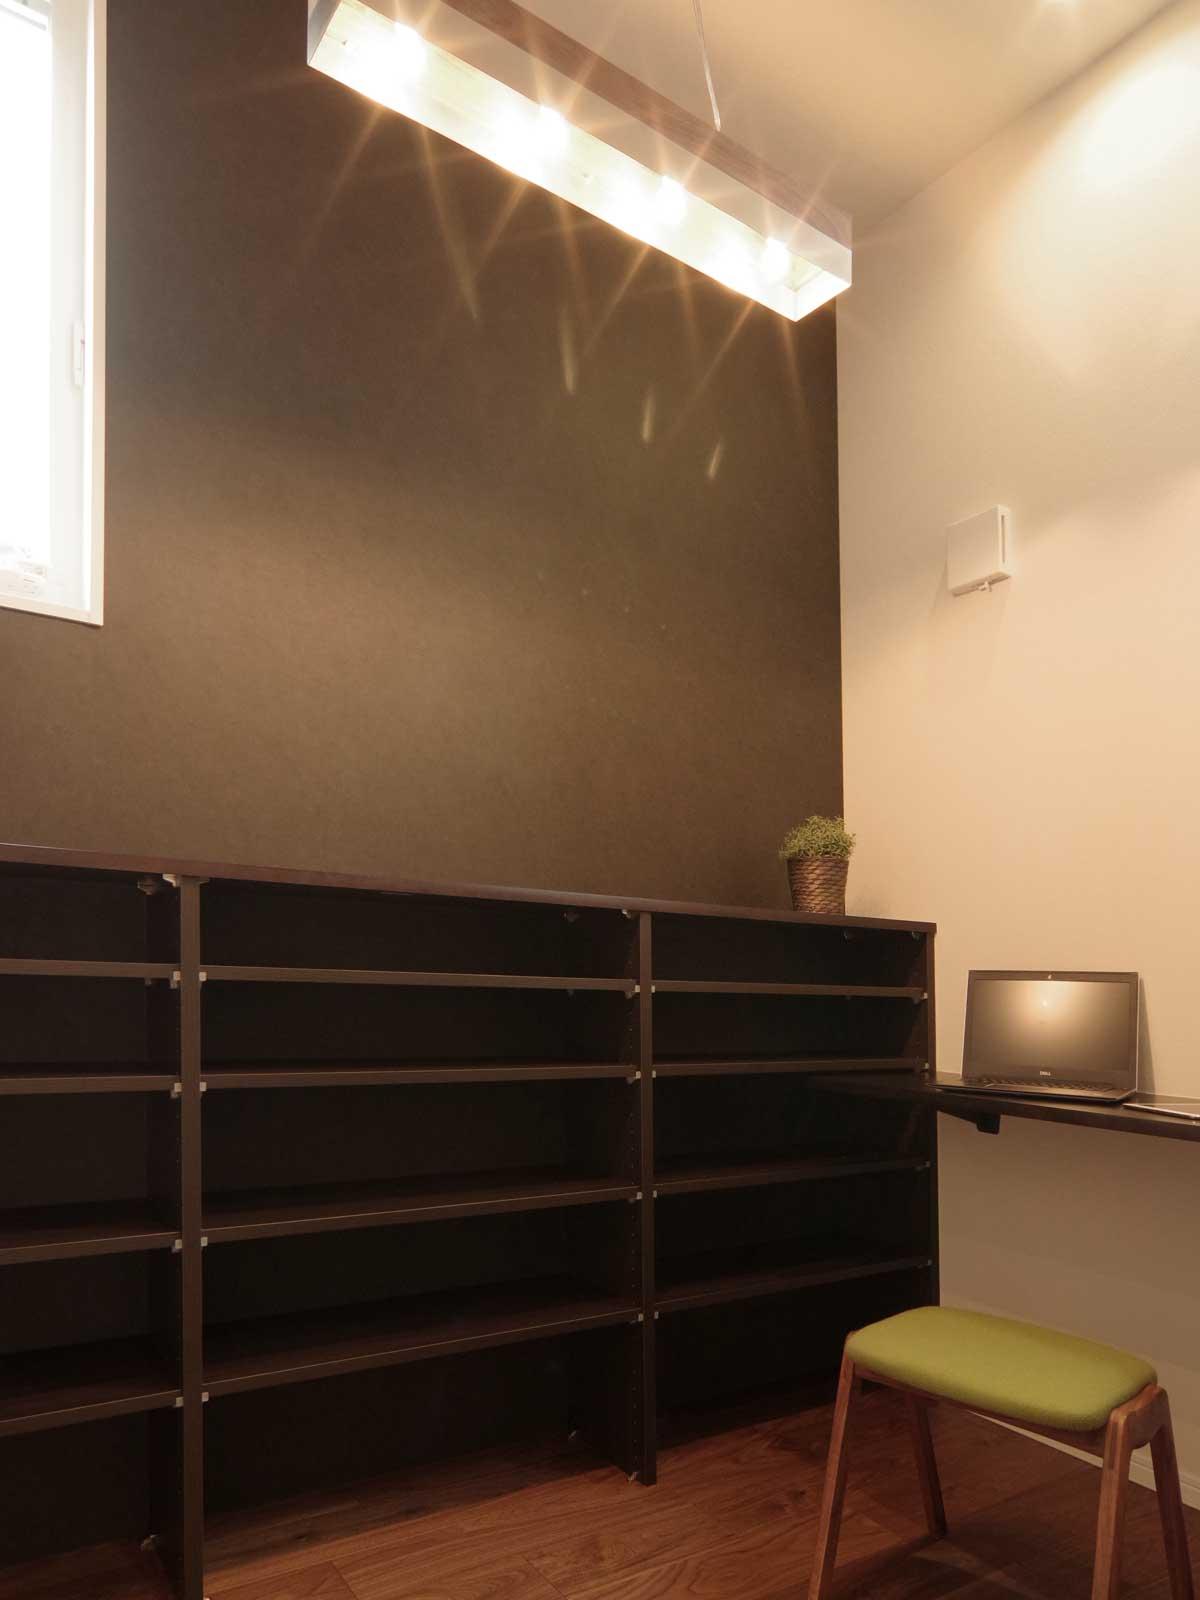 完成見学会 2F(LDK+Deck)の家 趣味も楽しめるシックに仕上げた書斎